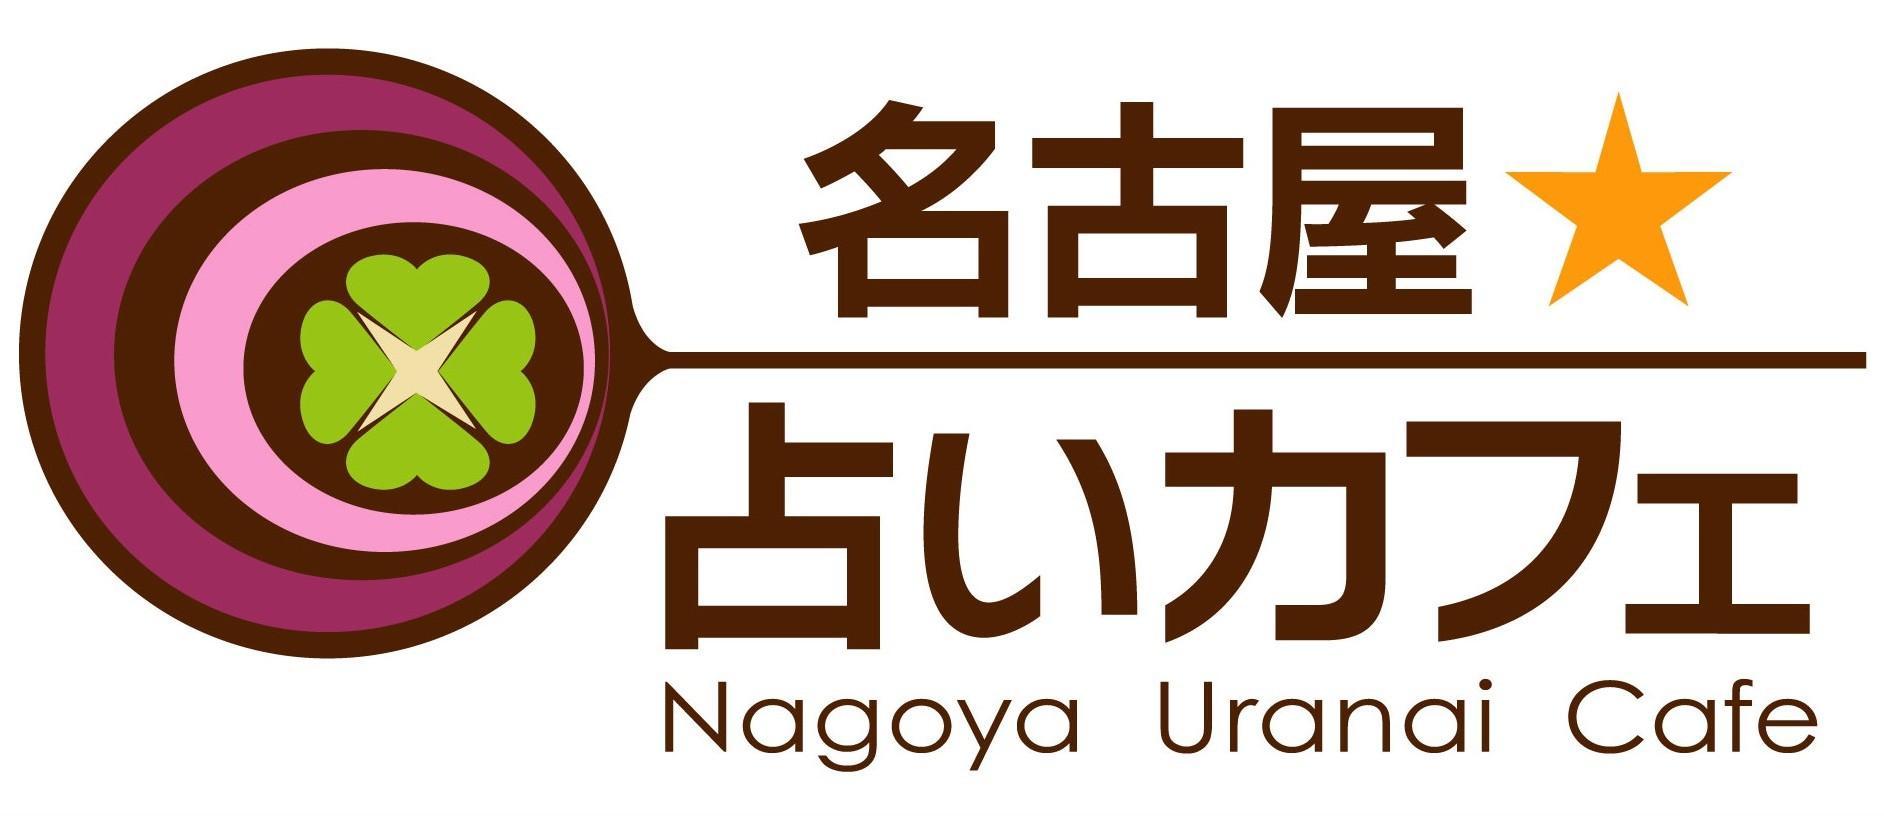 名古屋占いカフェのバナー